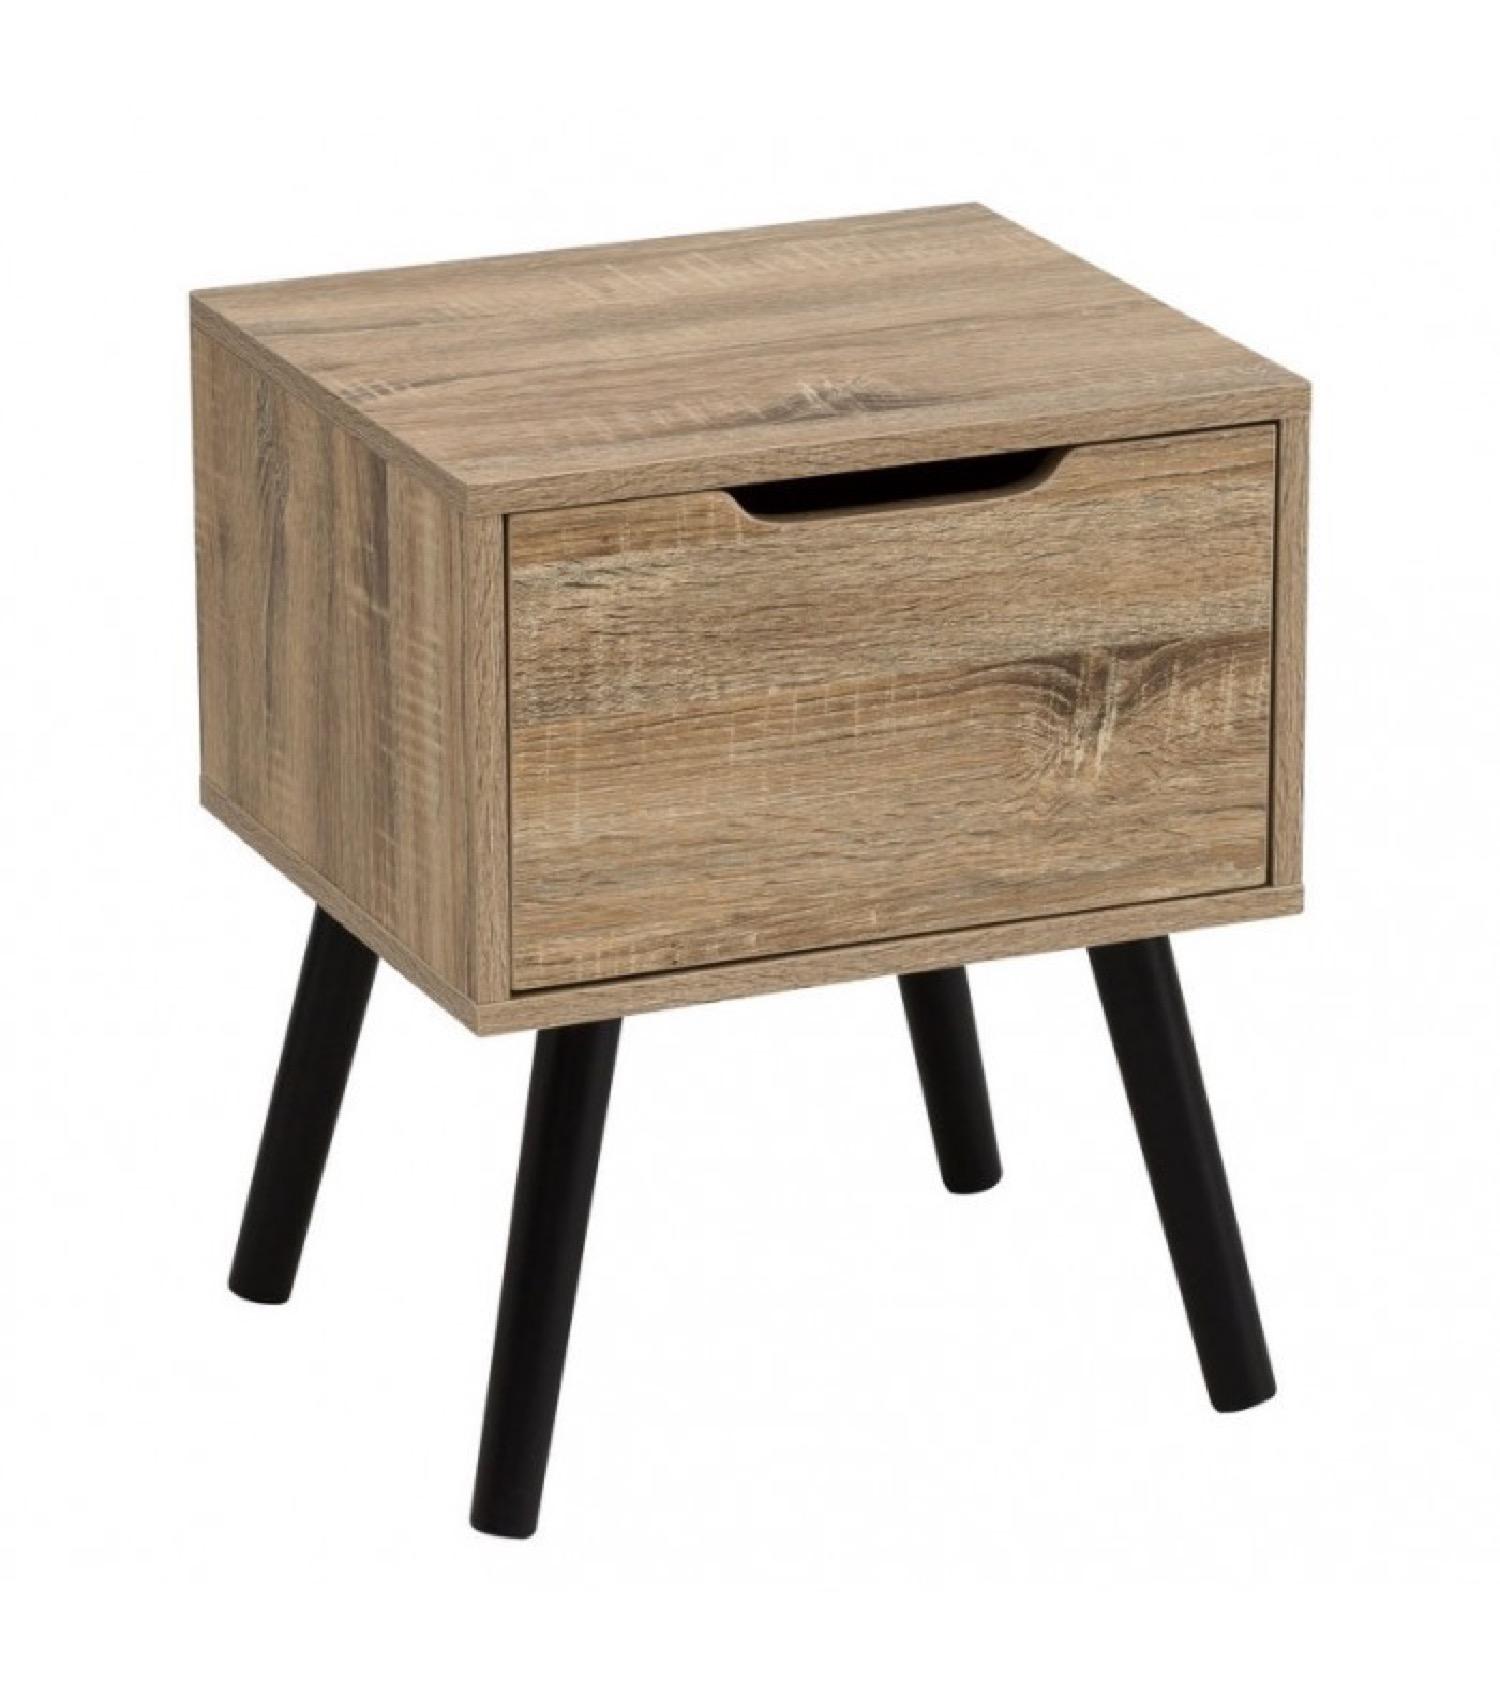 Table de chevet en bois de Palownia et noire H49,5cm